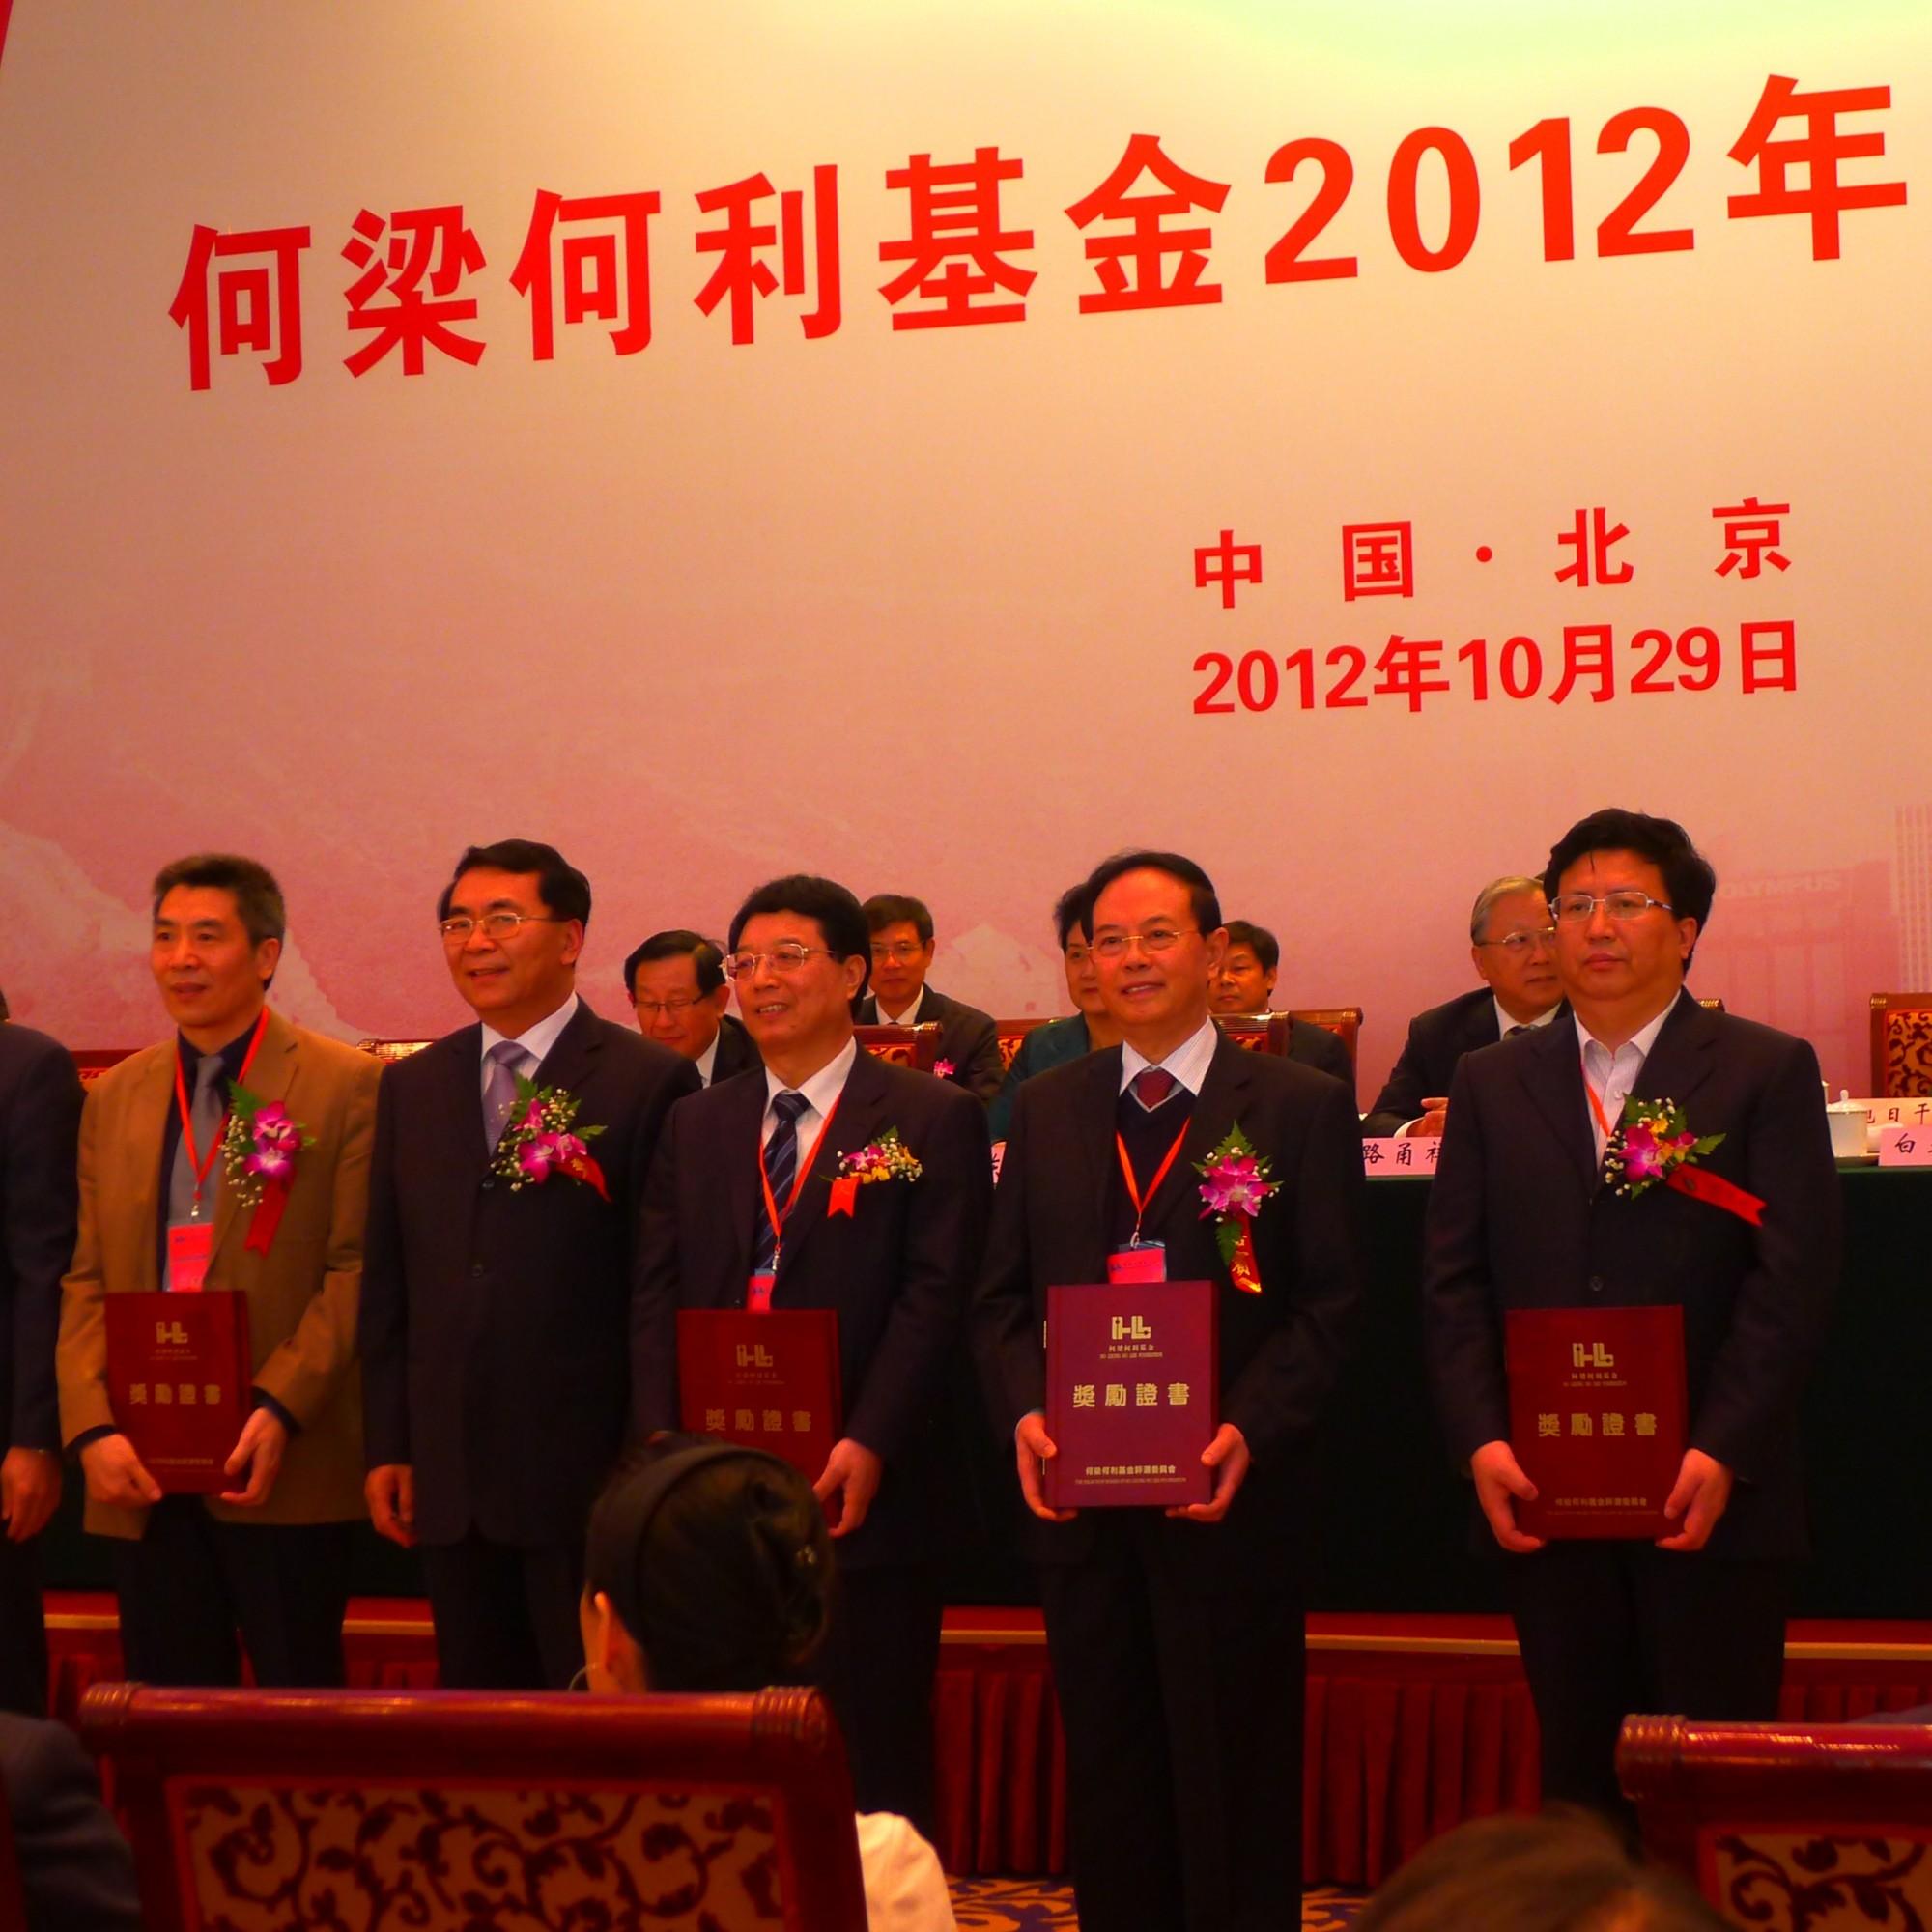 谢立信教授荣获2012年度何梁何利基金科学与技术进步奖